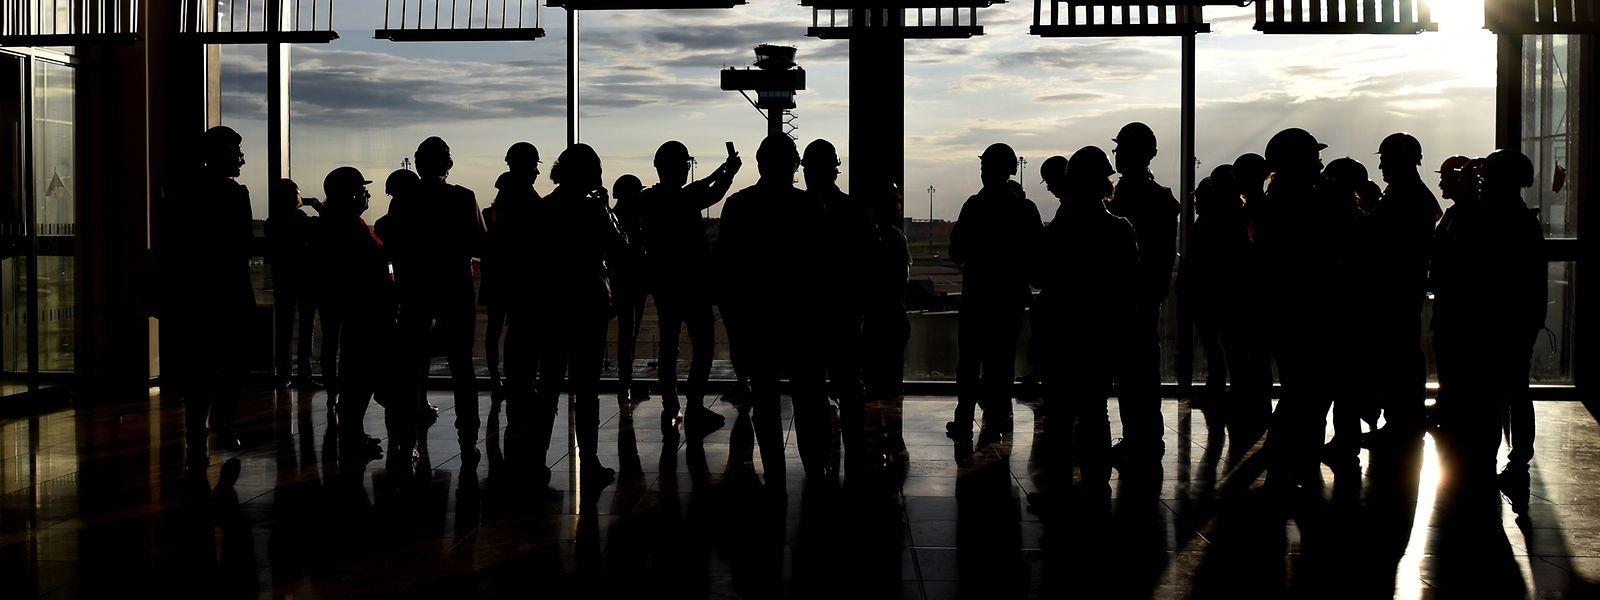 Besucher der Baustelle des Hauptstadtflughafens BER stehen im Hauptterminal und schauen auf das Rollfeld.